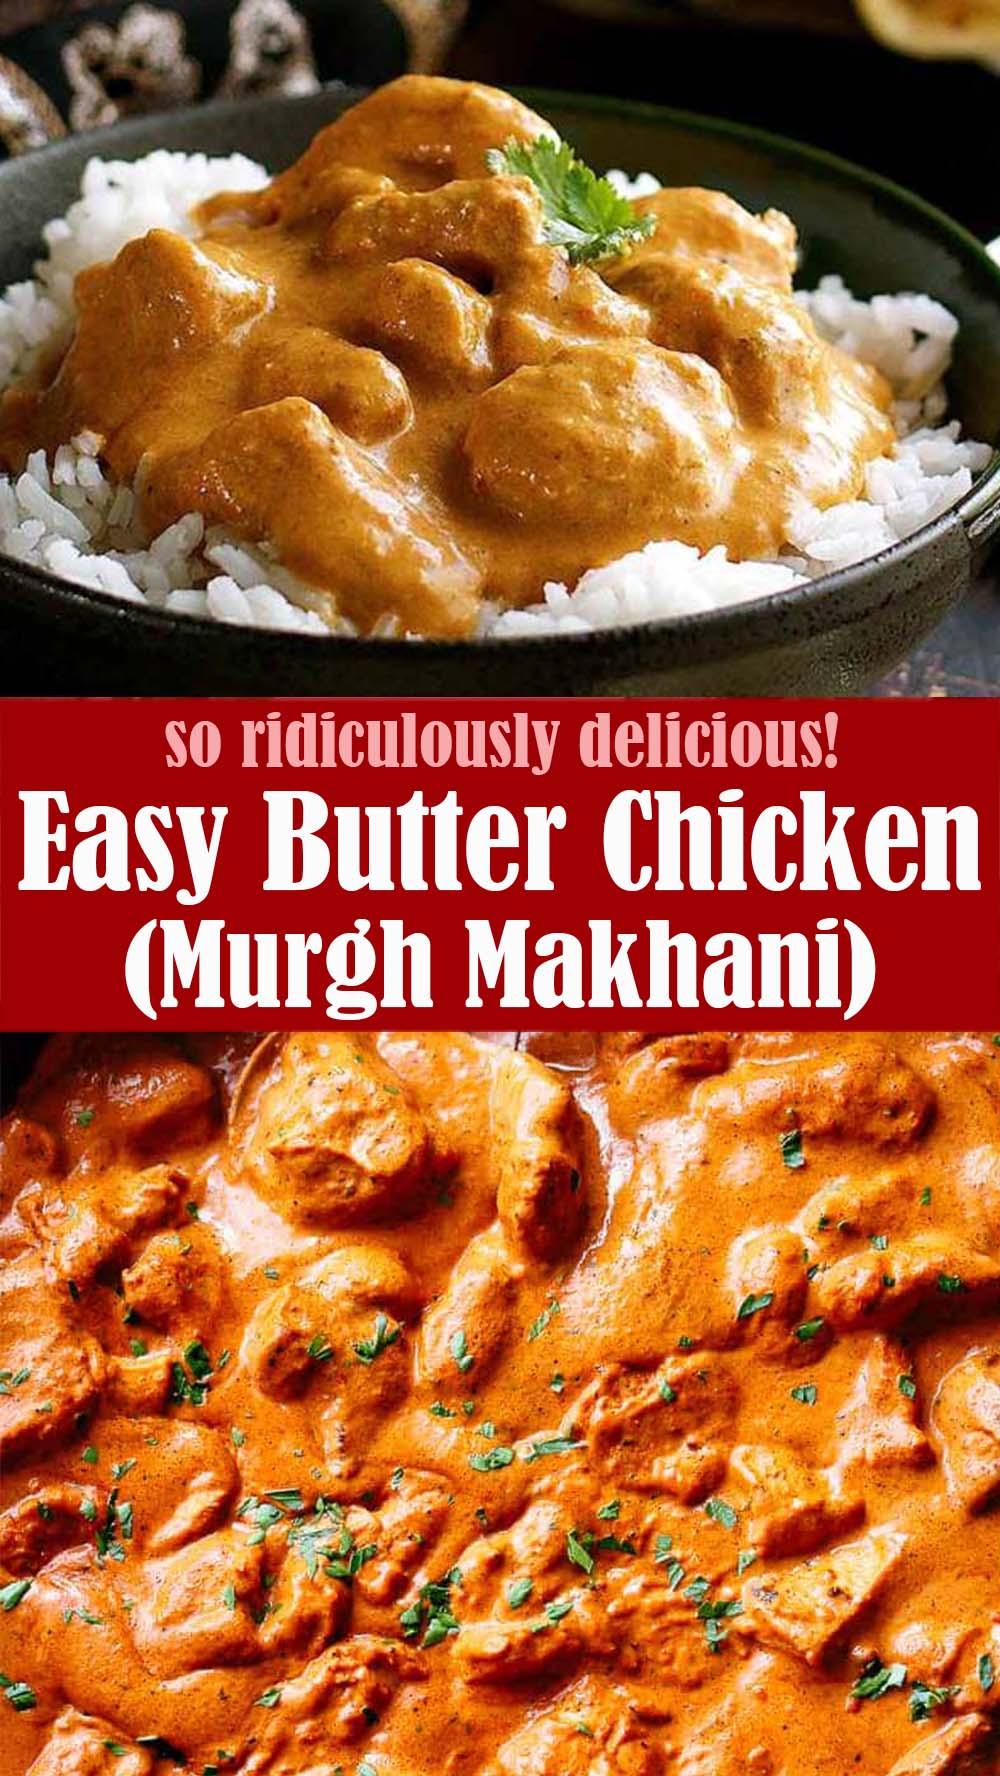 Easy Butter Chicken (Murgh Makhani)